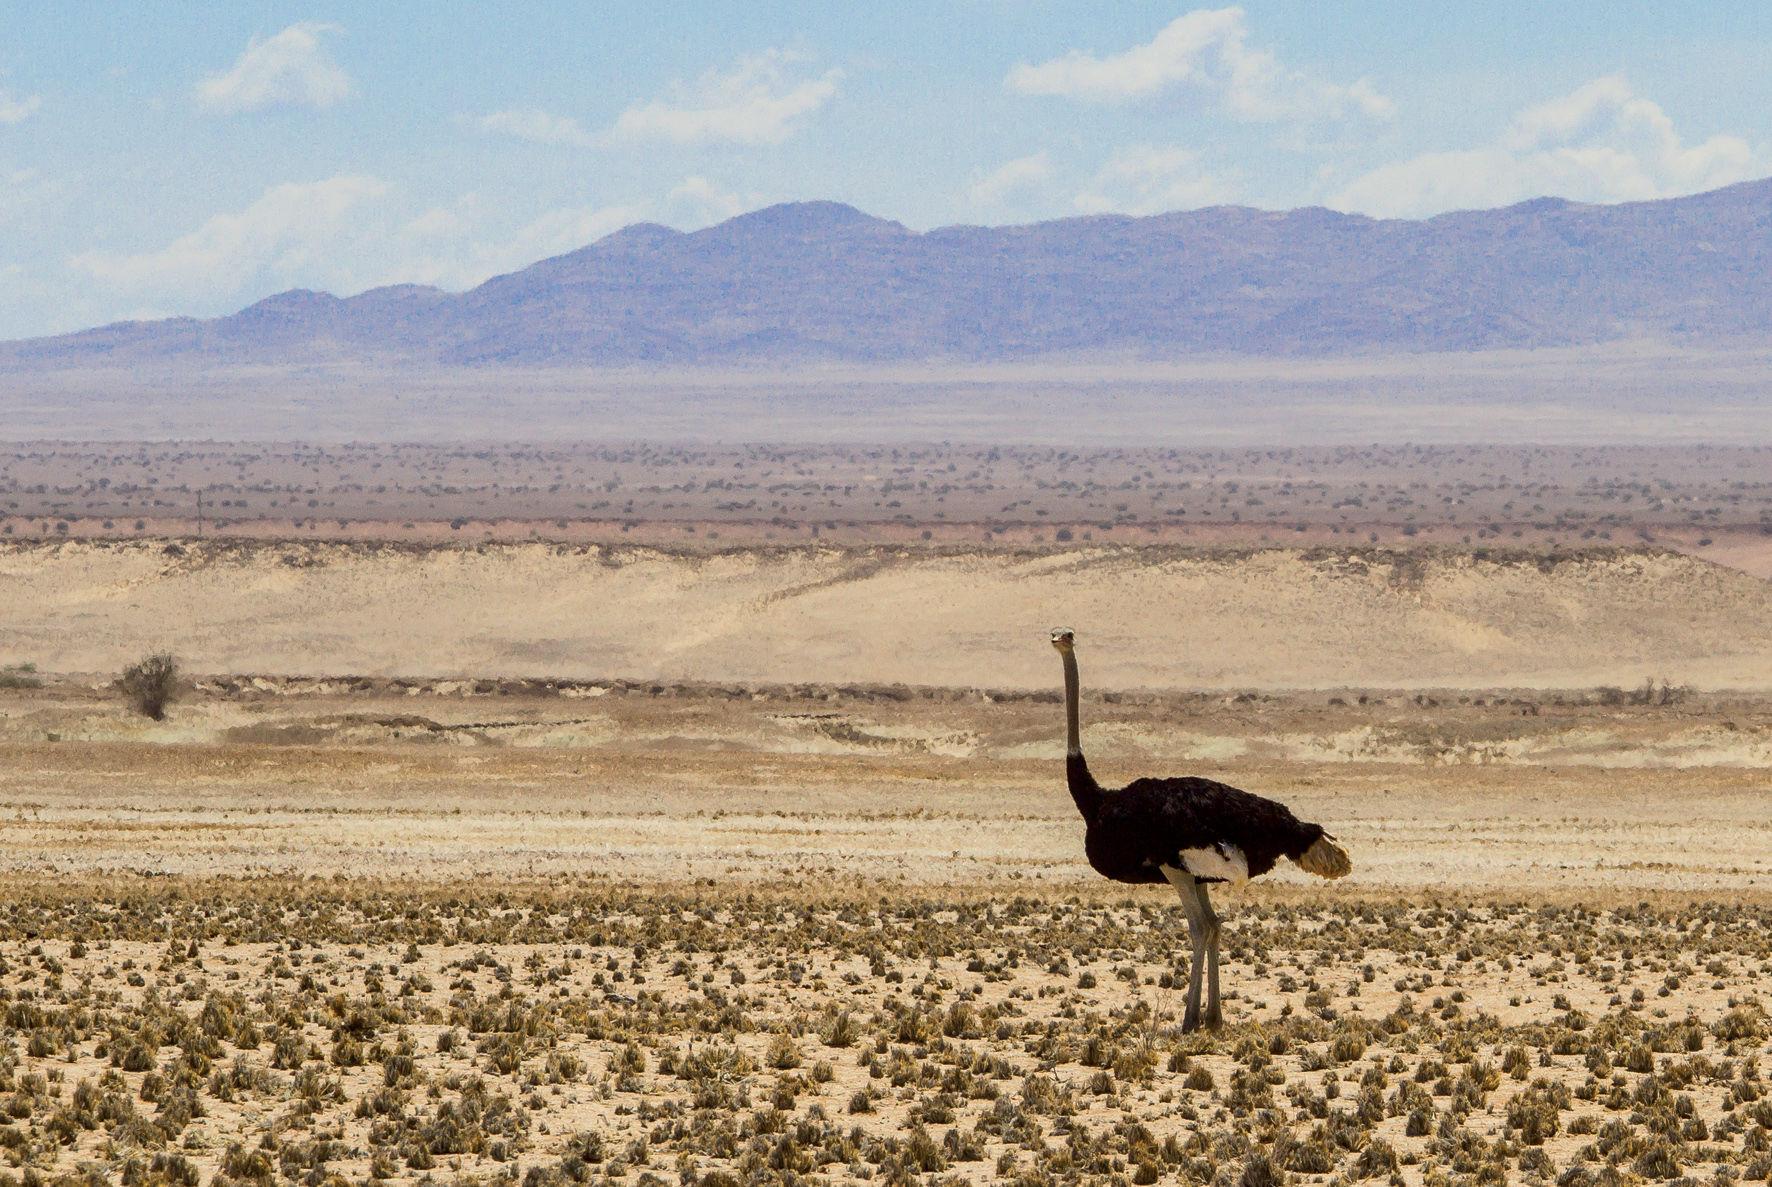 Le désert du Namib est riche d'une faune incroyable. Nous avons souvent vu des autruches le long de la route…